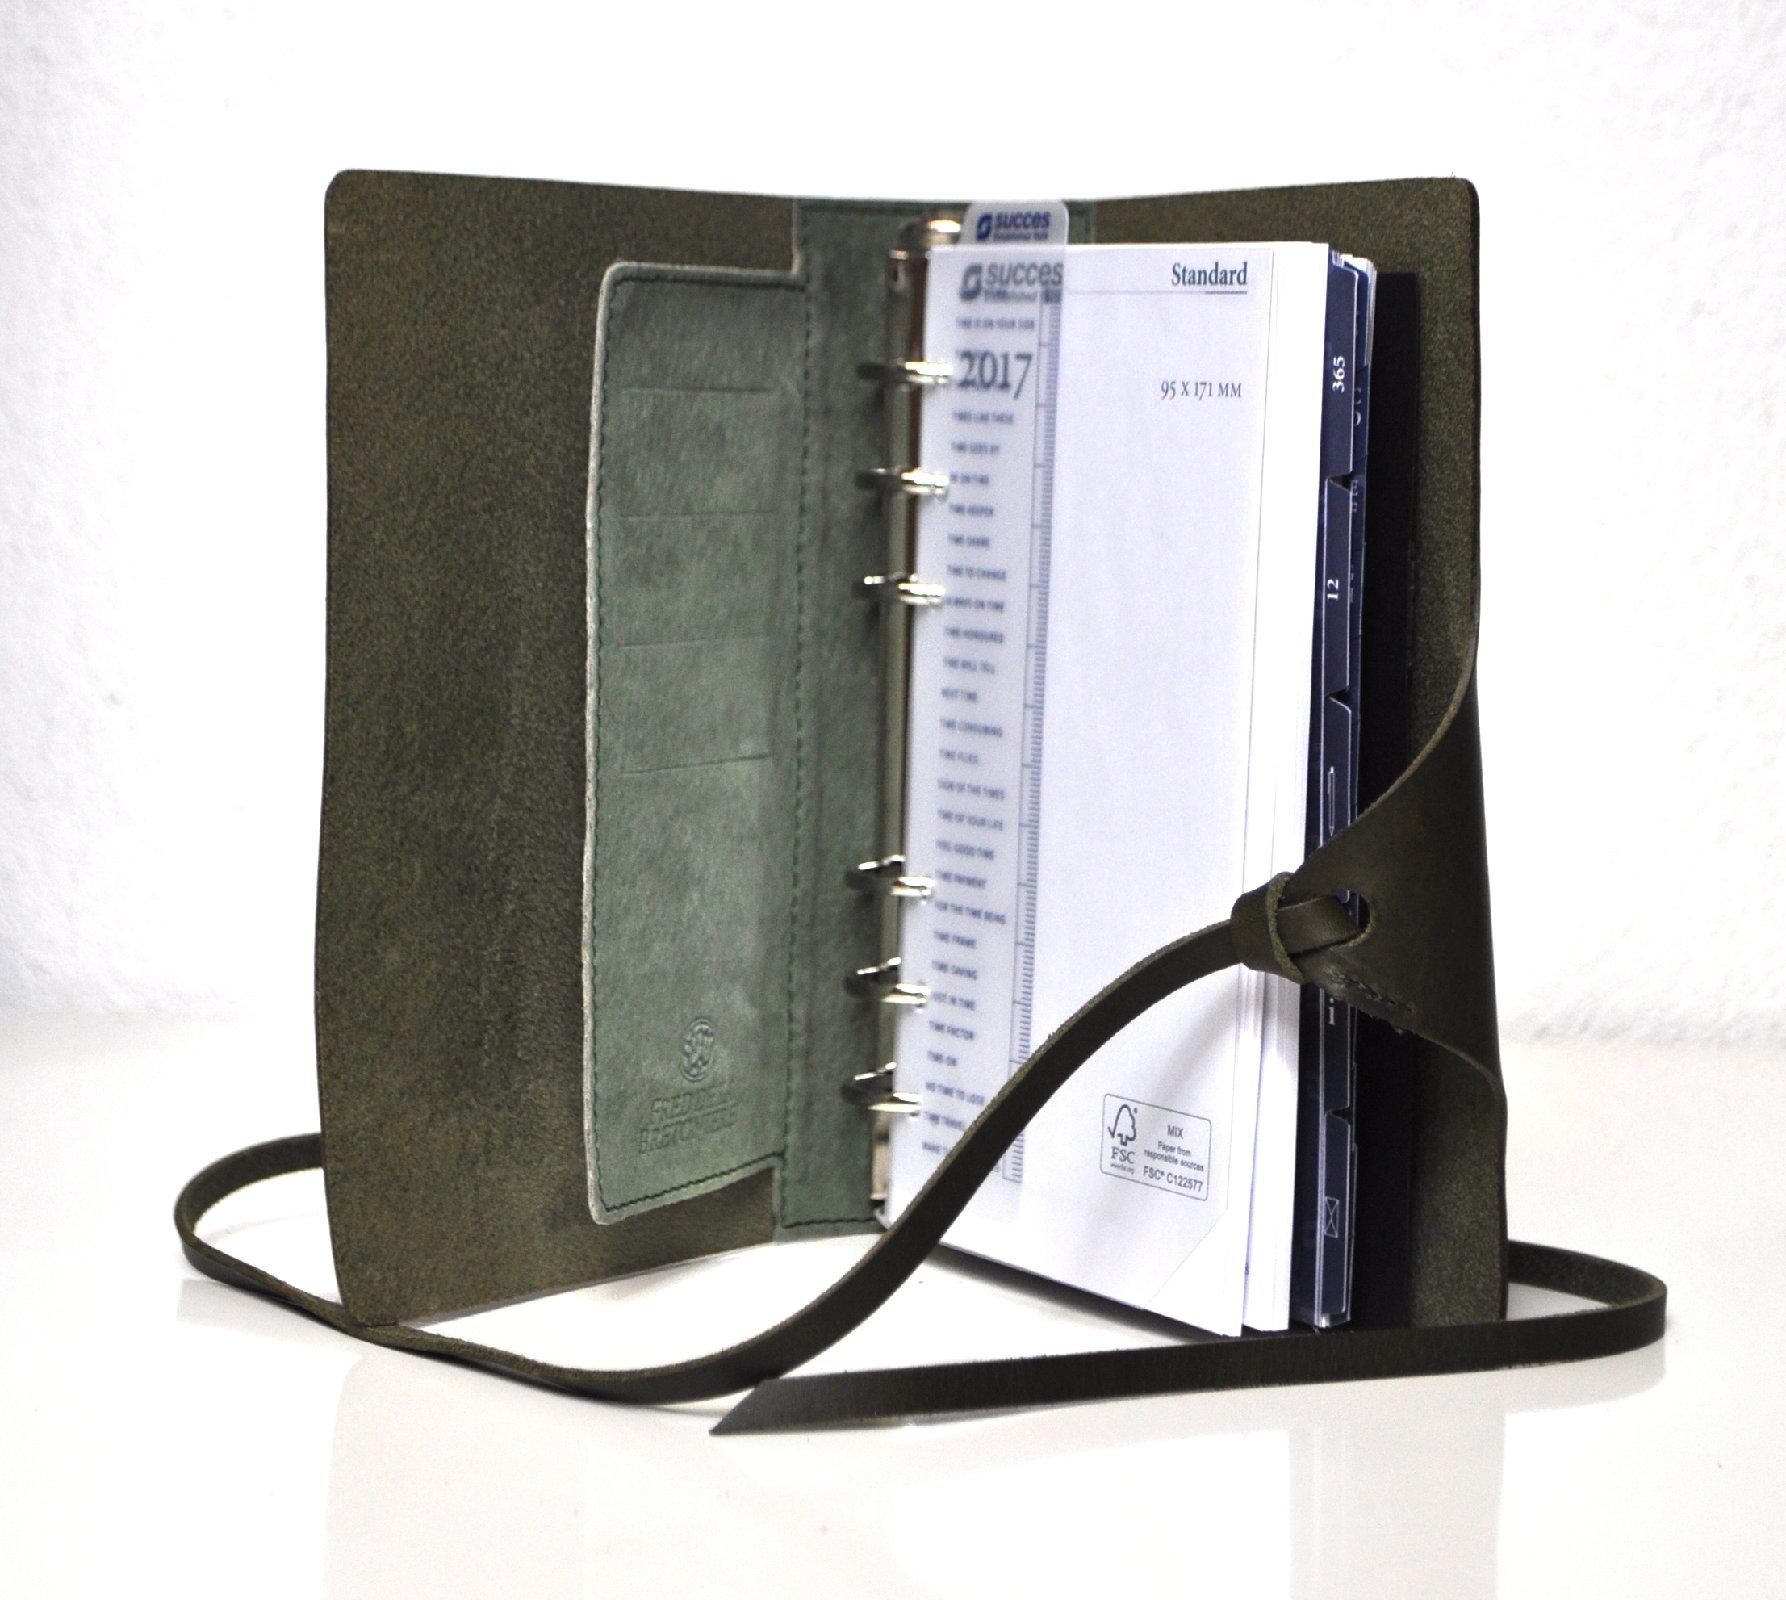 succes vintage standard olive organiser. Black Bedroom Furniture Sets. Home Design Ideas